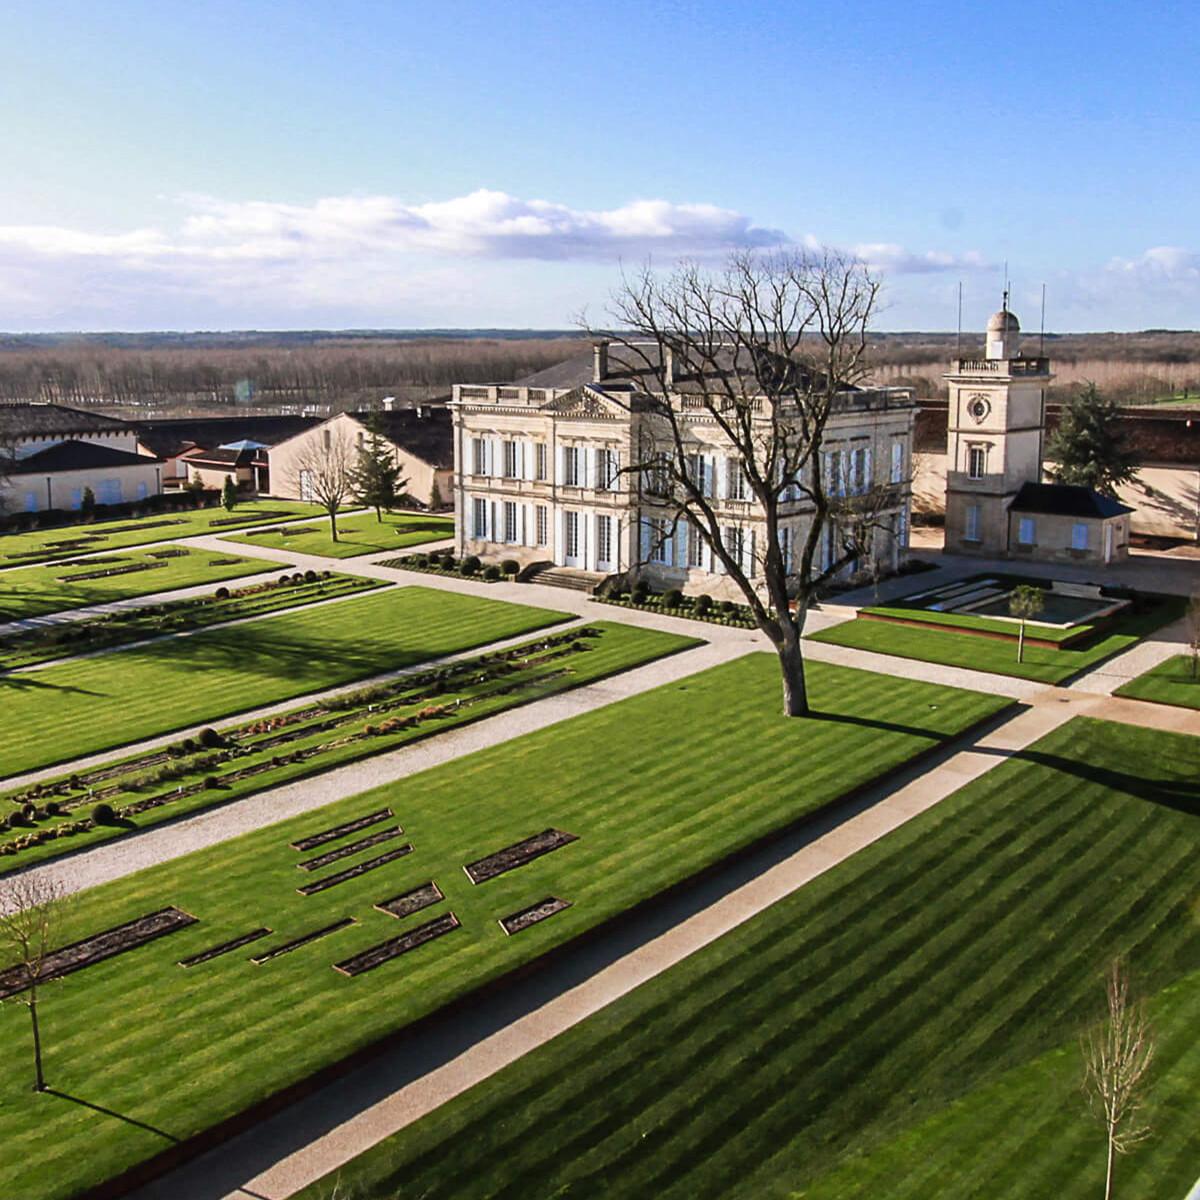 金玫瑰城堡(Chateau Gruaud Larose)